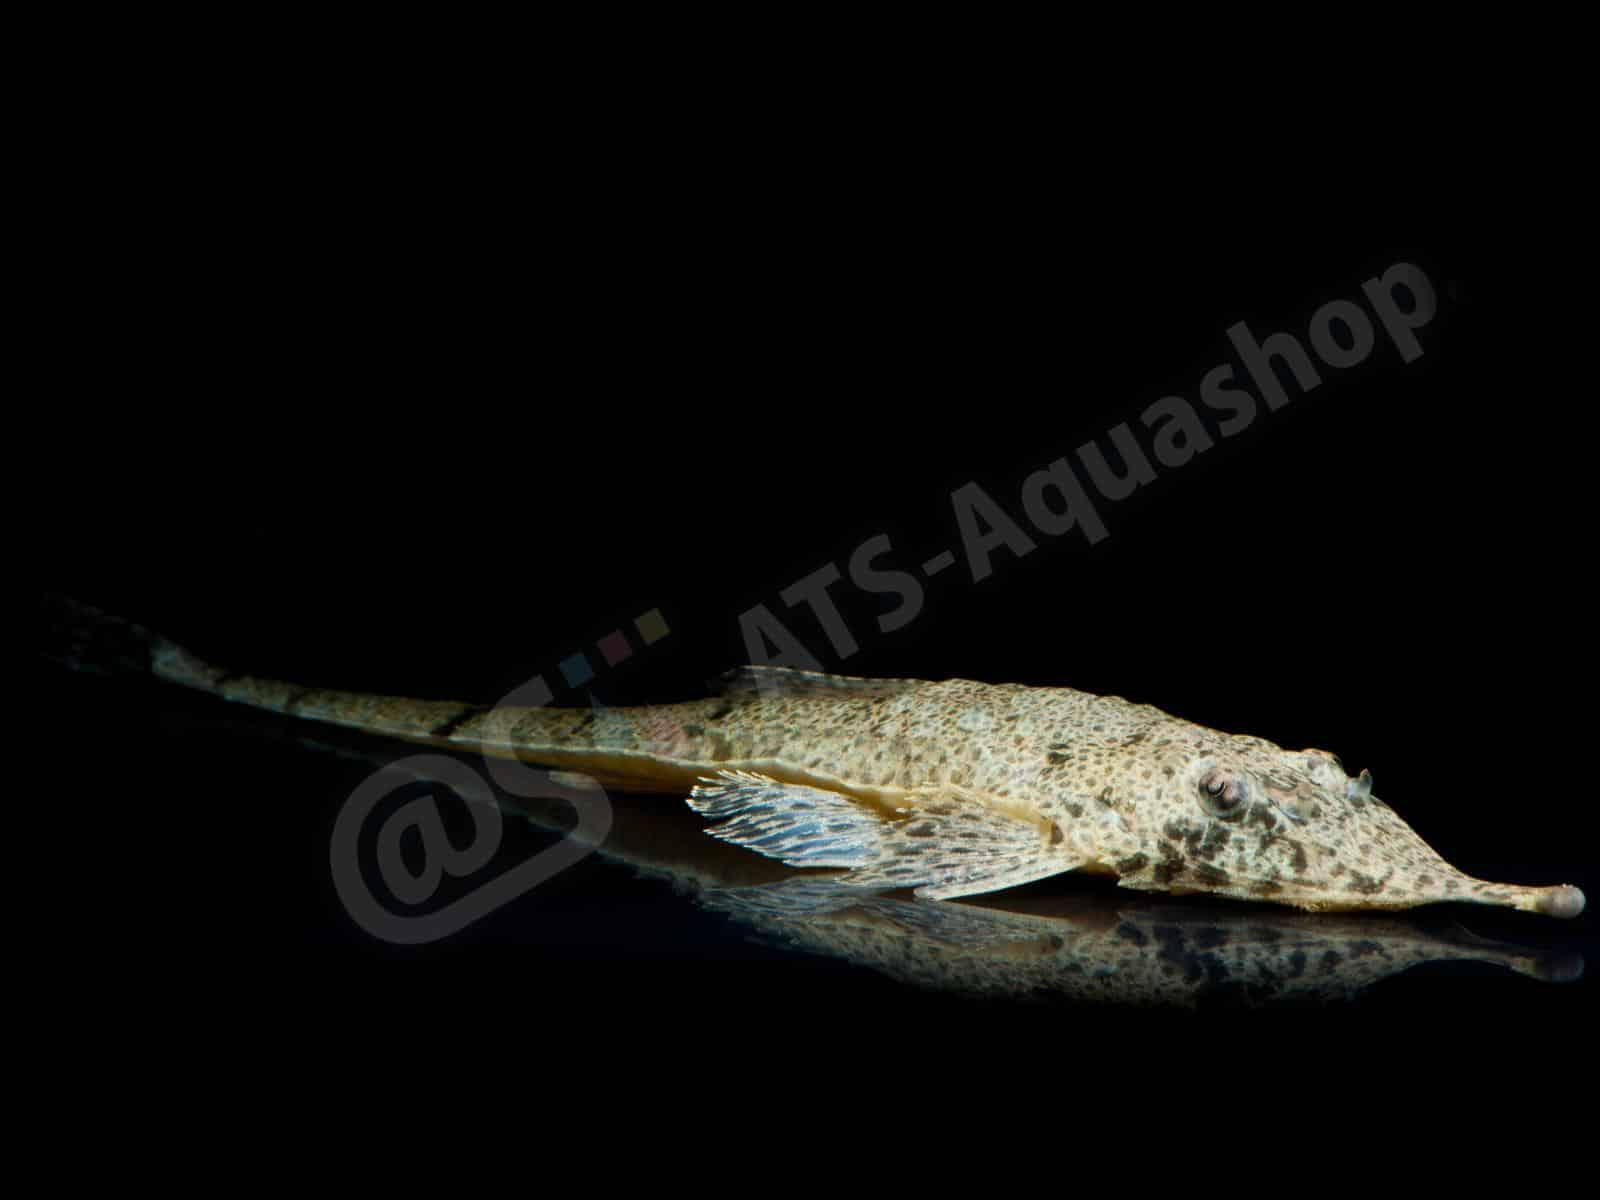 hemiodontichthys acipenserinus enrico richter 0298 8